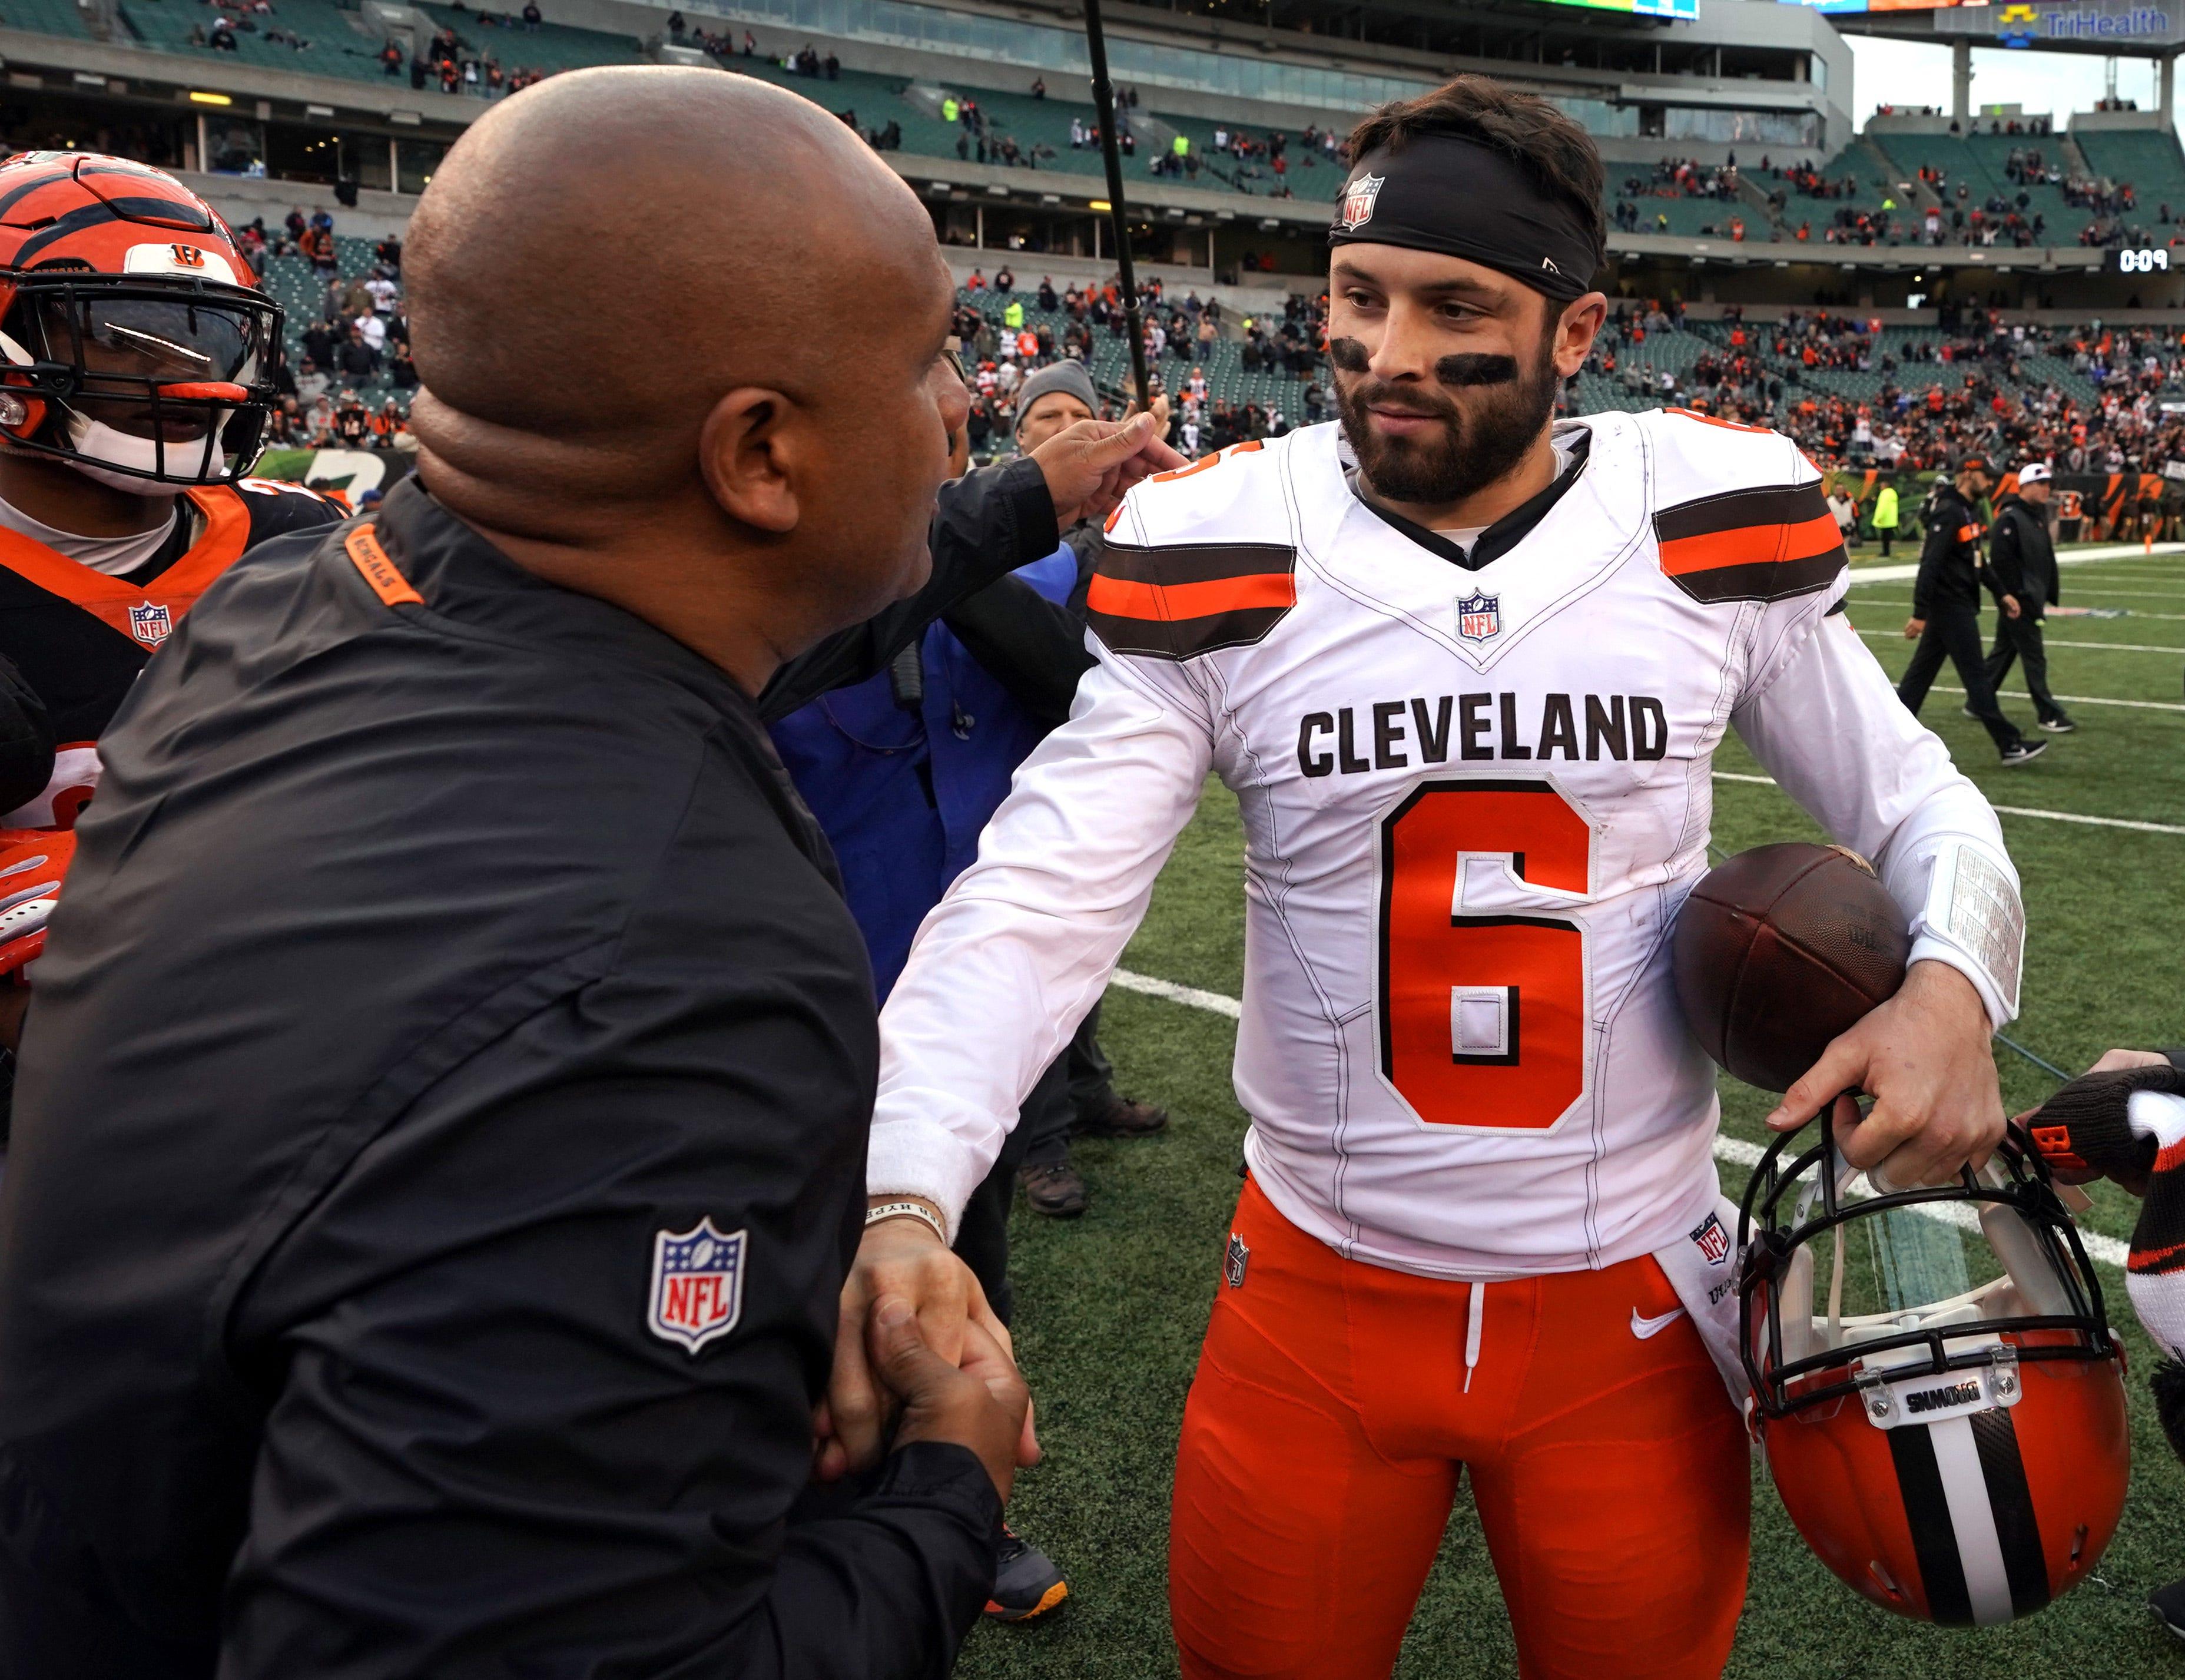 Nfl Cleveland Browns At Cincinnati Bengals